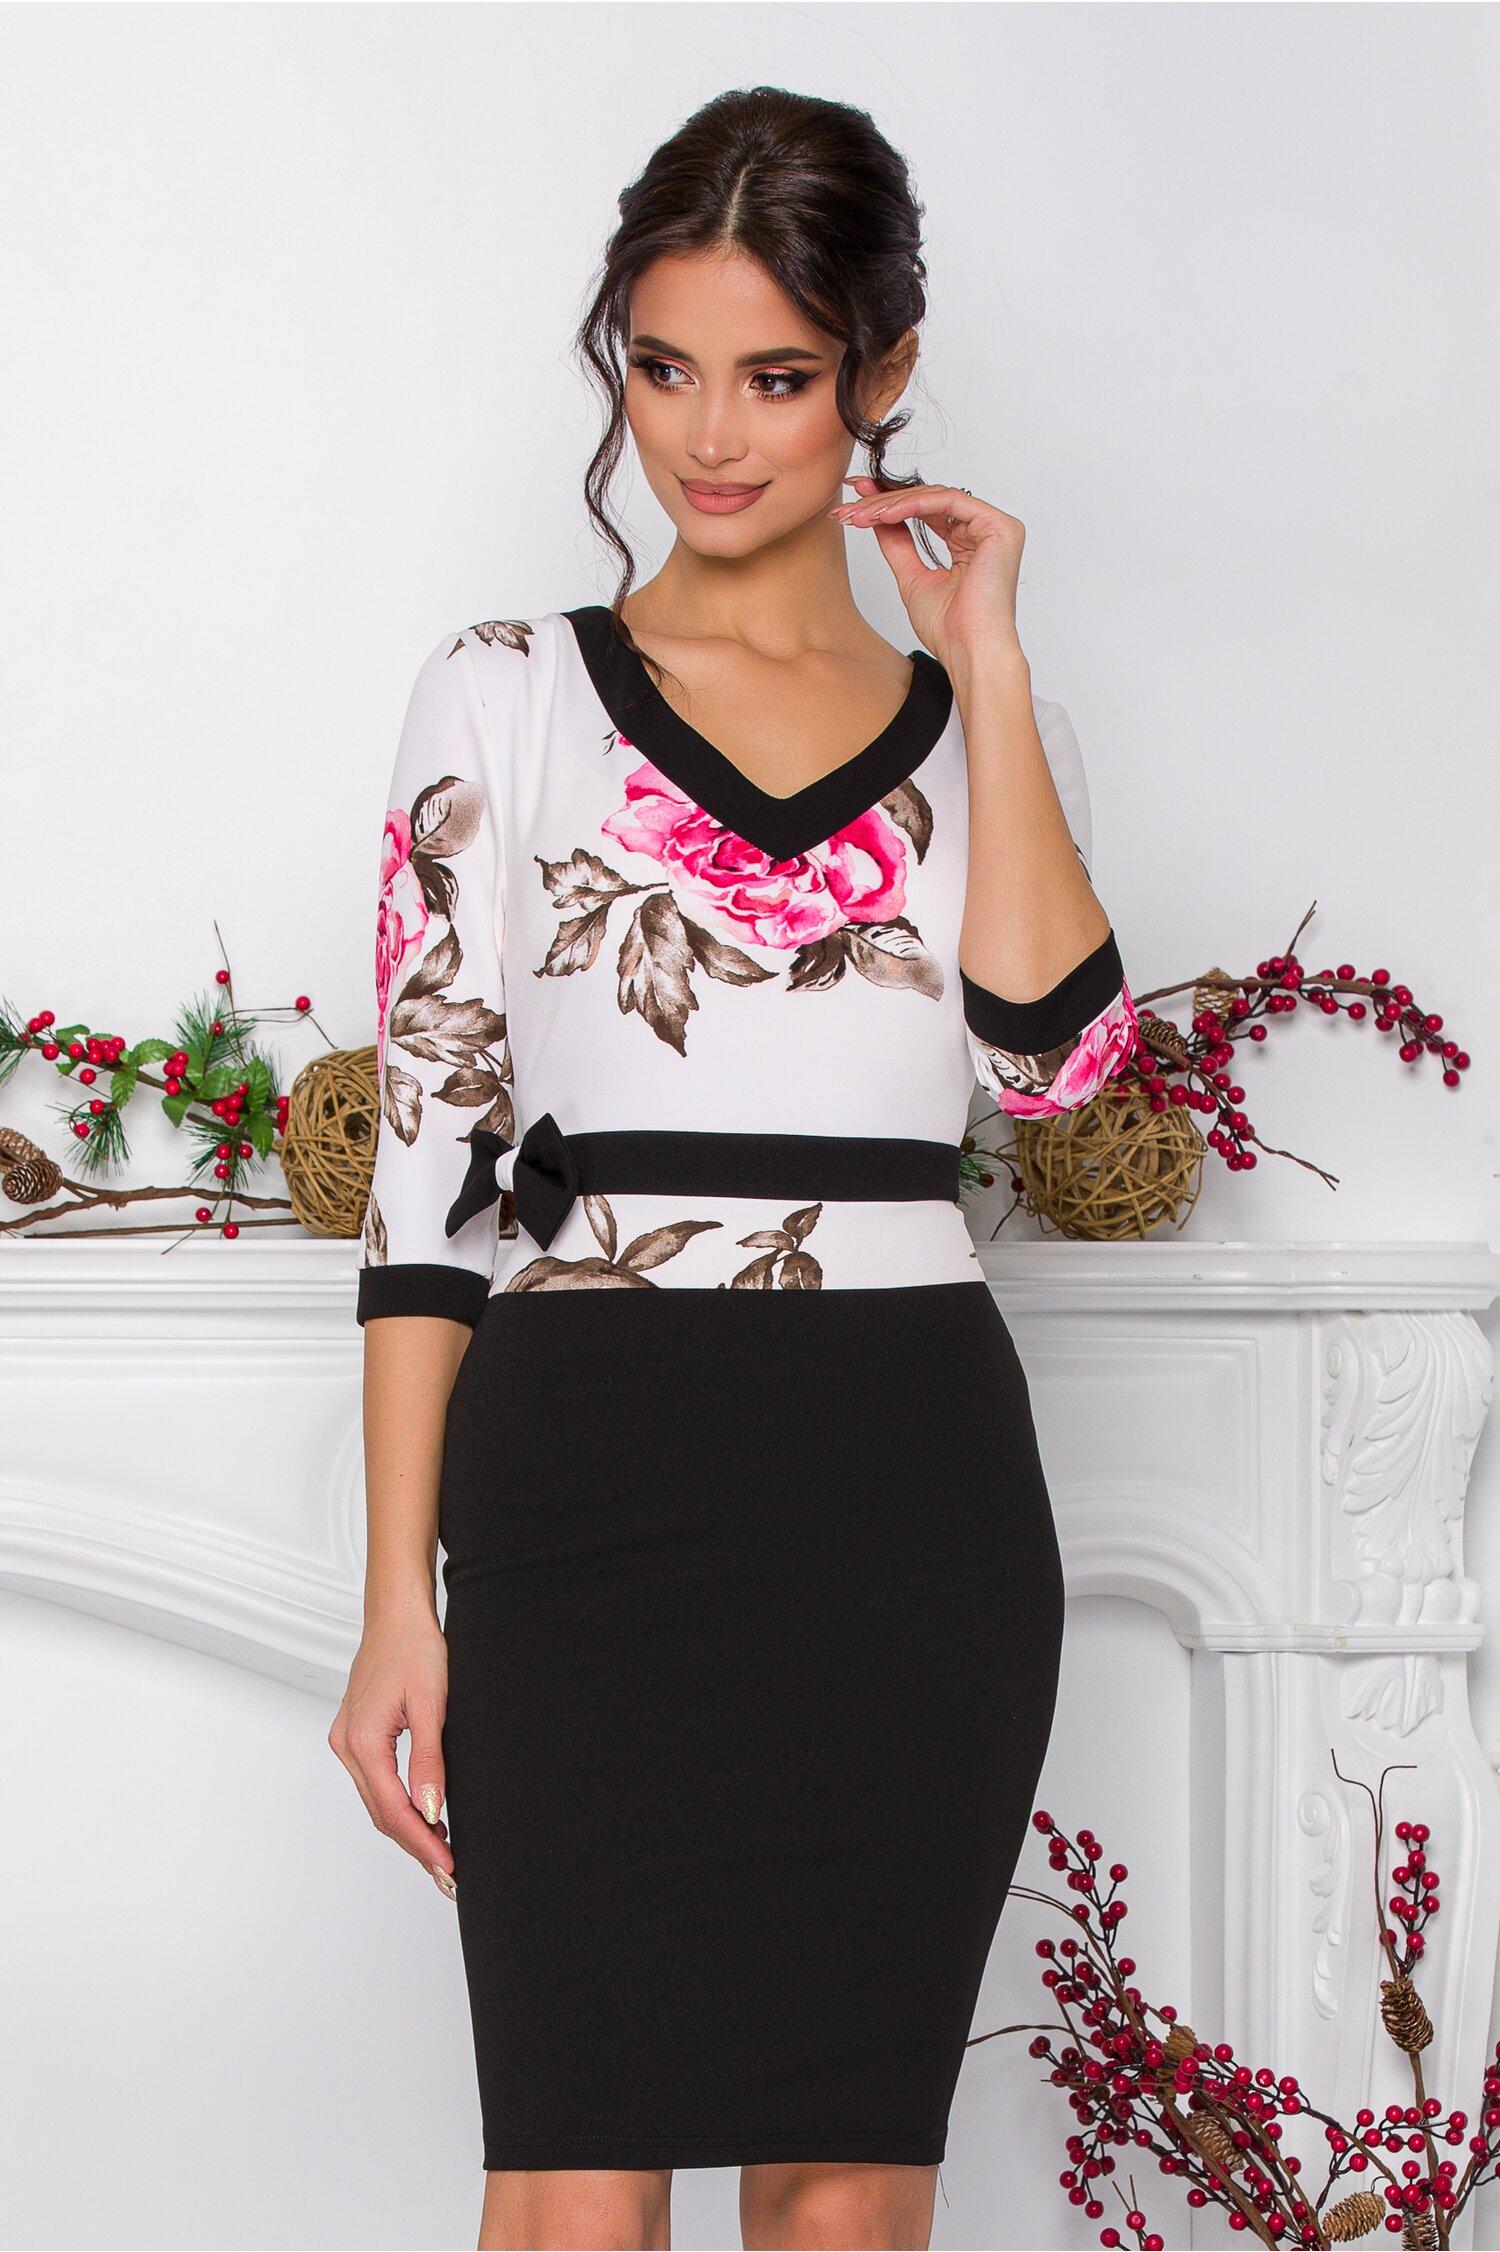 Rochie Dora neagra cu bust alb si flori roz